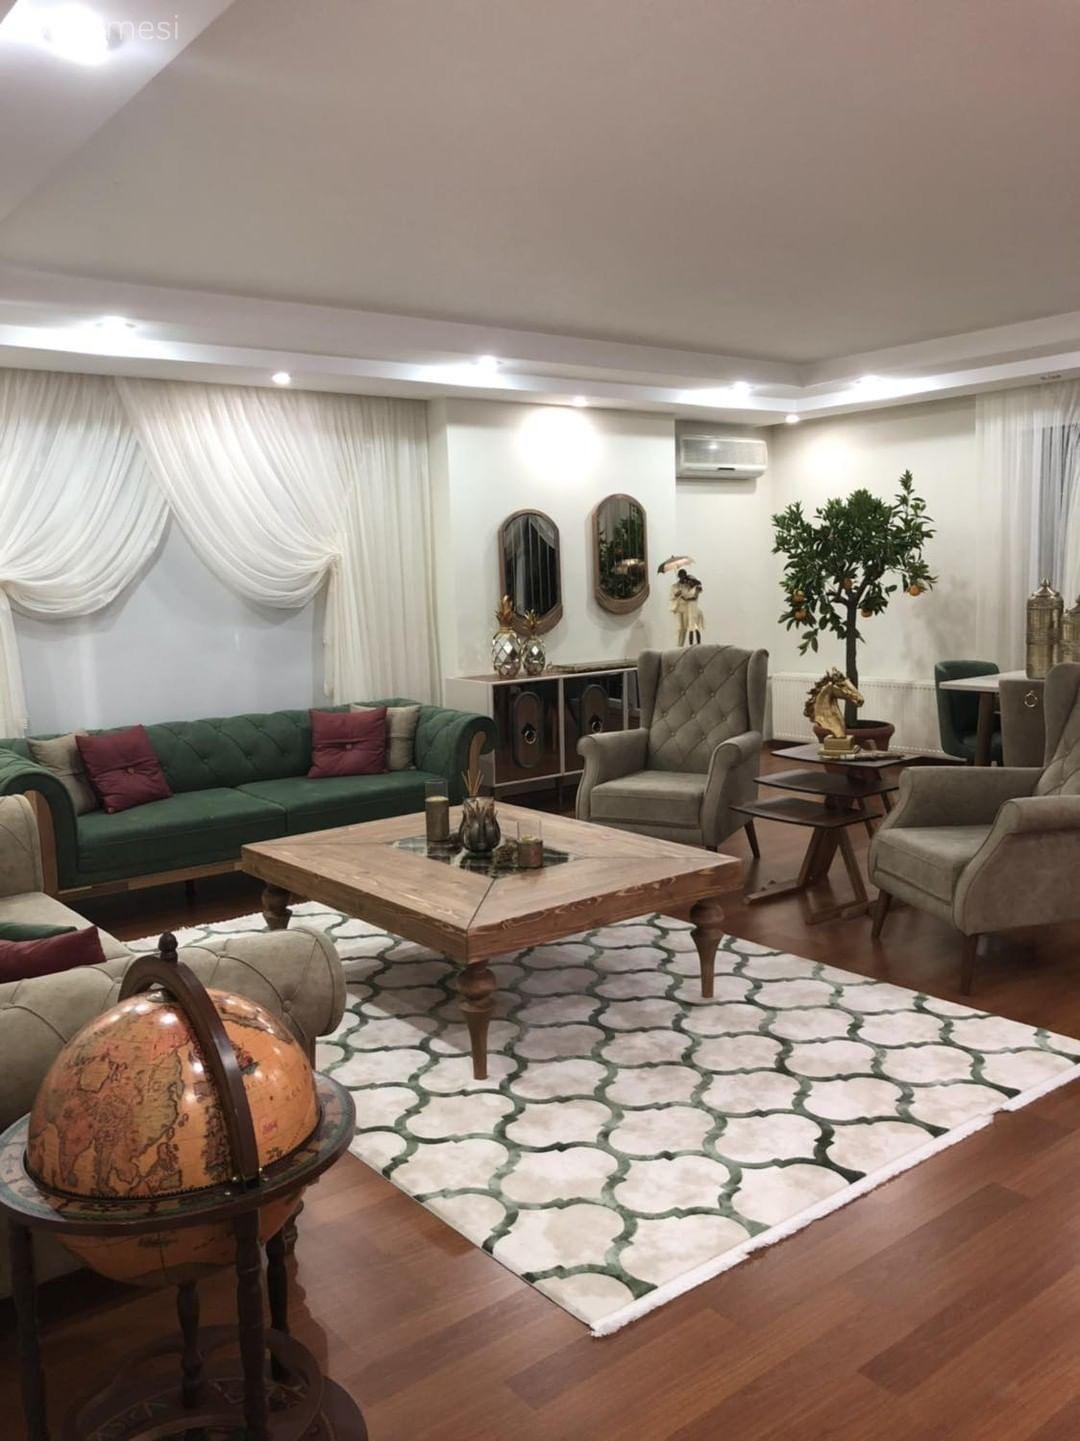 Photo of Salon Değil Sanki Galeri. Aksesuarlarıyla Kimlik Kazanan Bir Ev | Ev Gezmesi